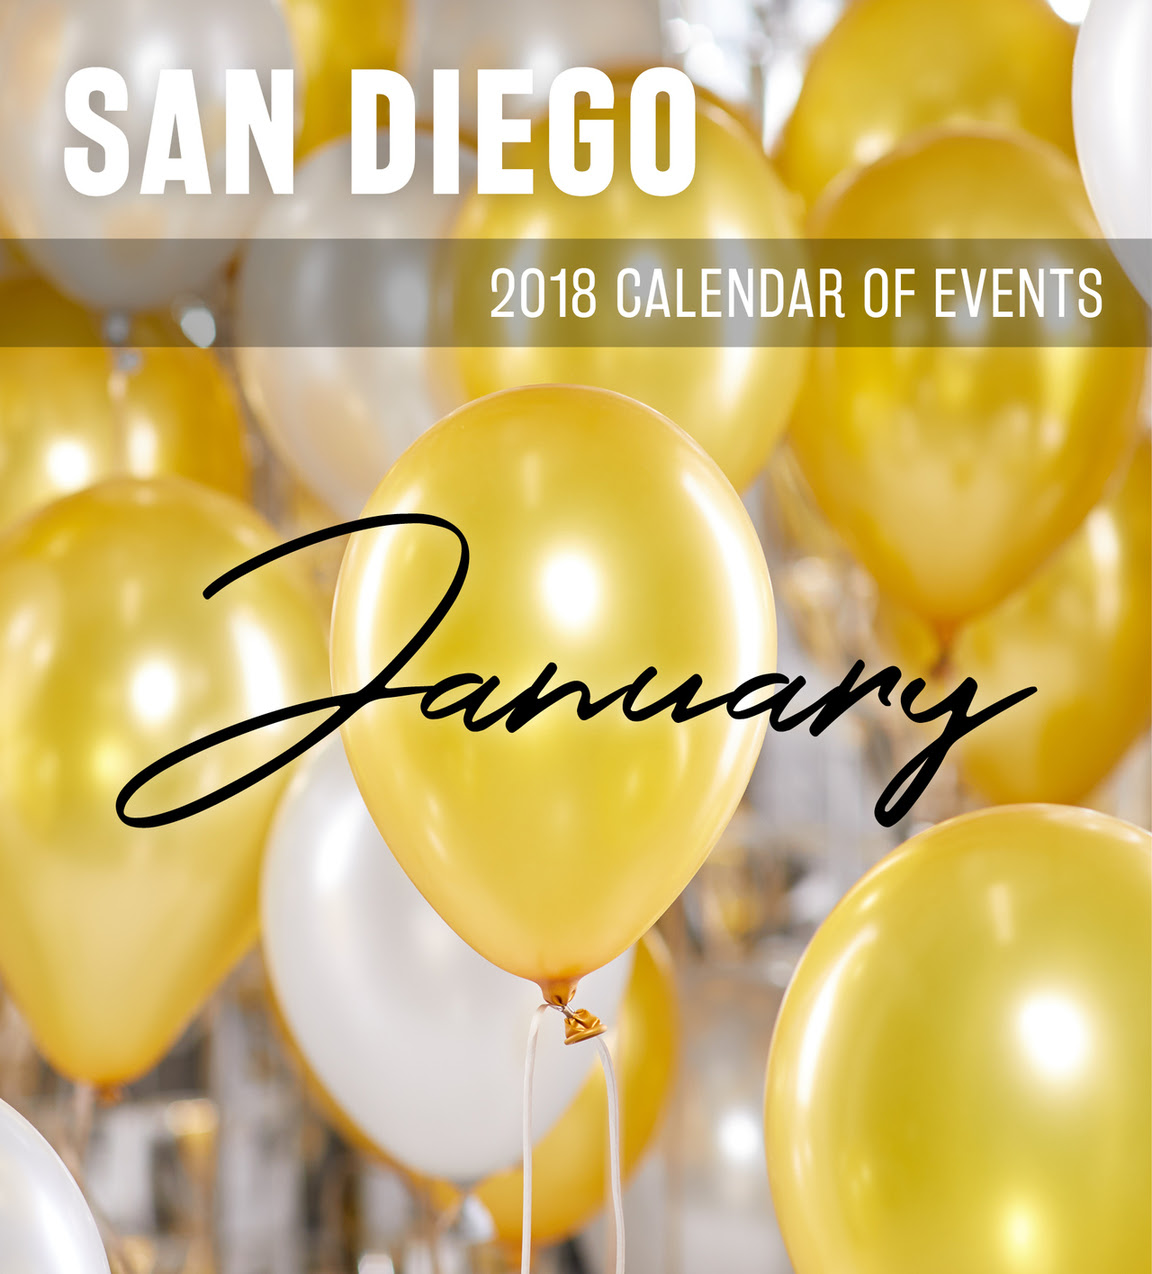 San Diego Calendar of Events January 2018